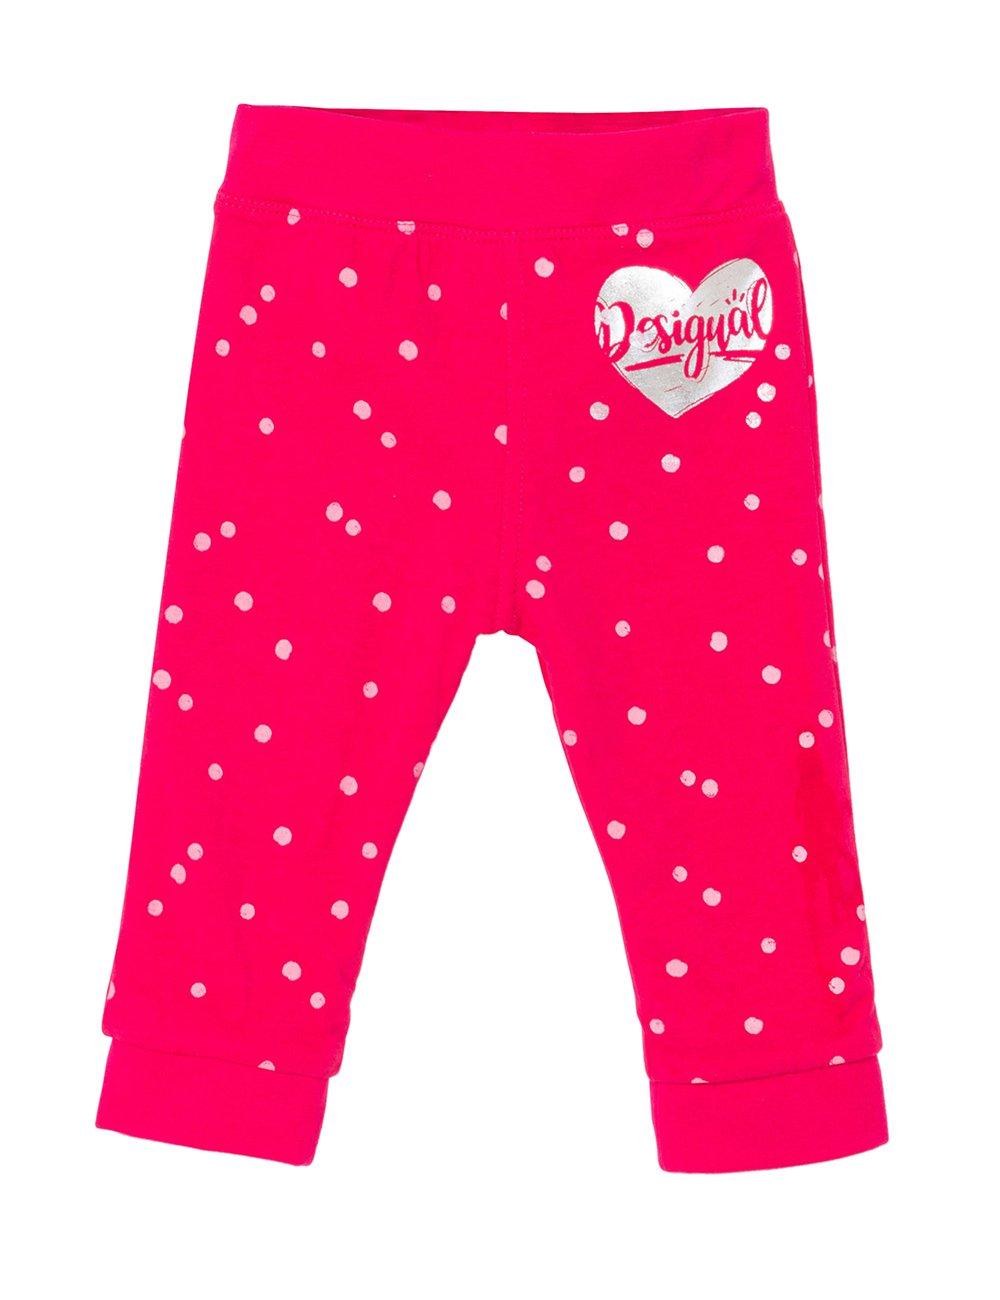 Desigual Pant_ahslan Pantalones de Deporte para Bebés 1